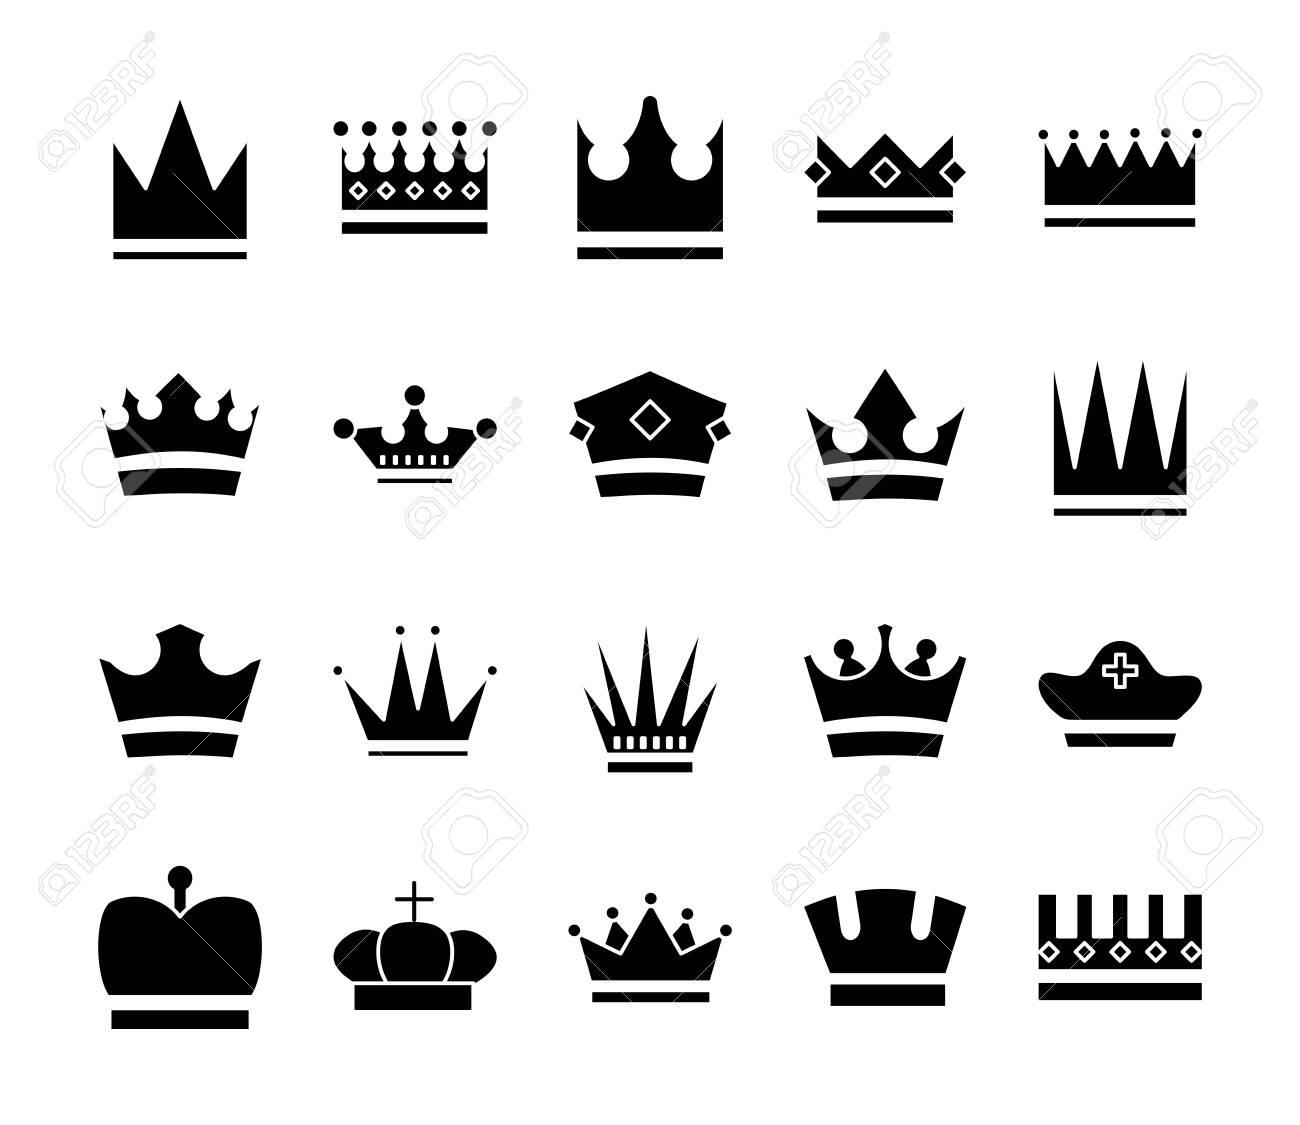 bundle of crowns royal set icons vector illustration design - 151014785